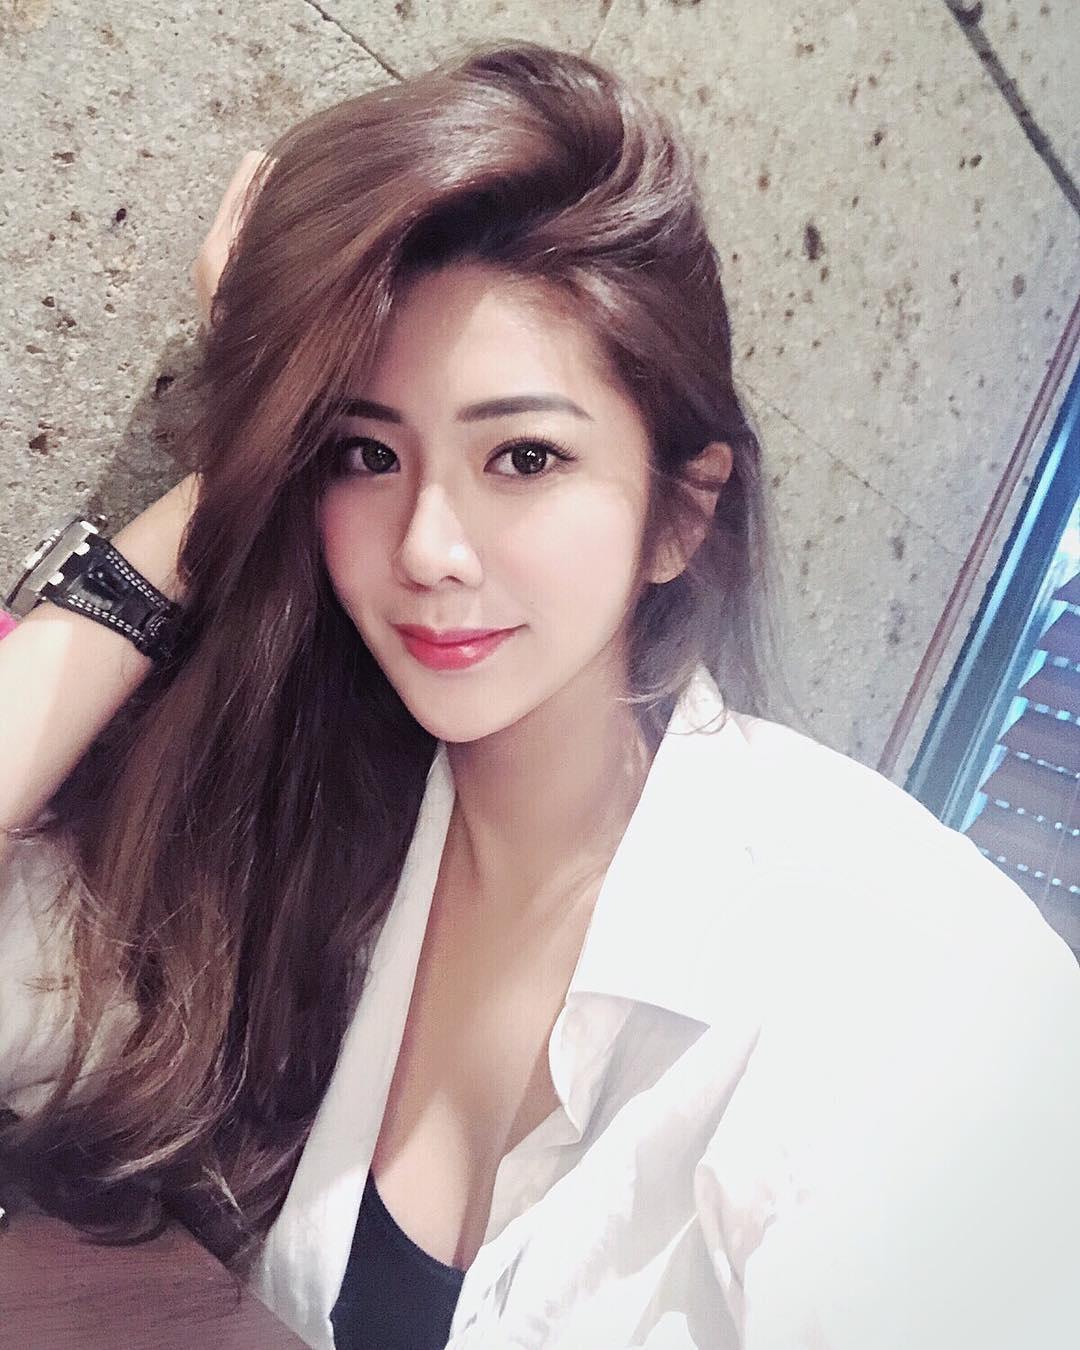 Jessie Lee Instagram